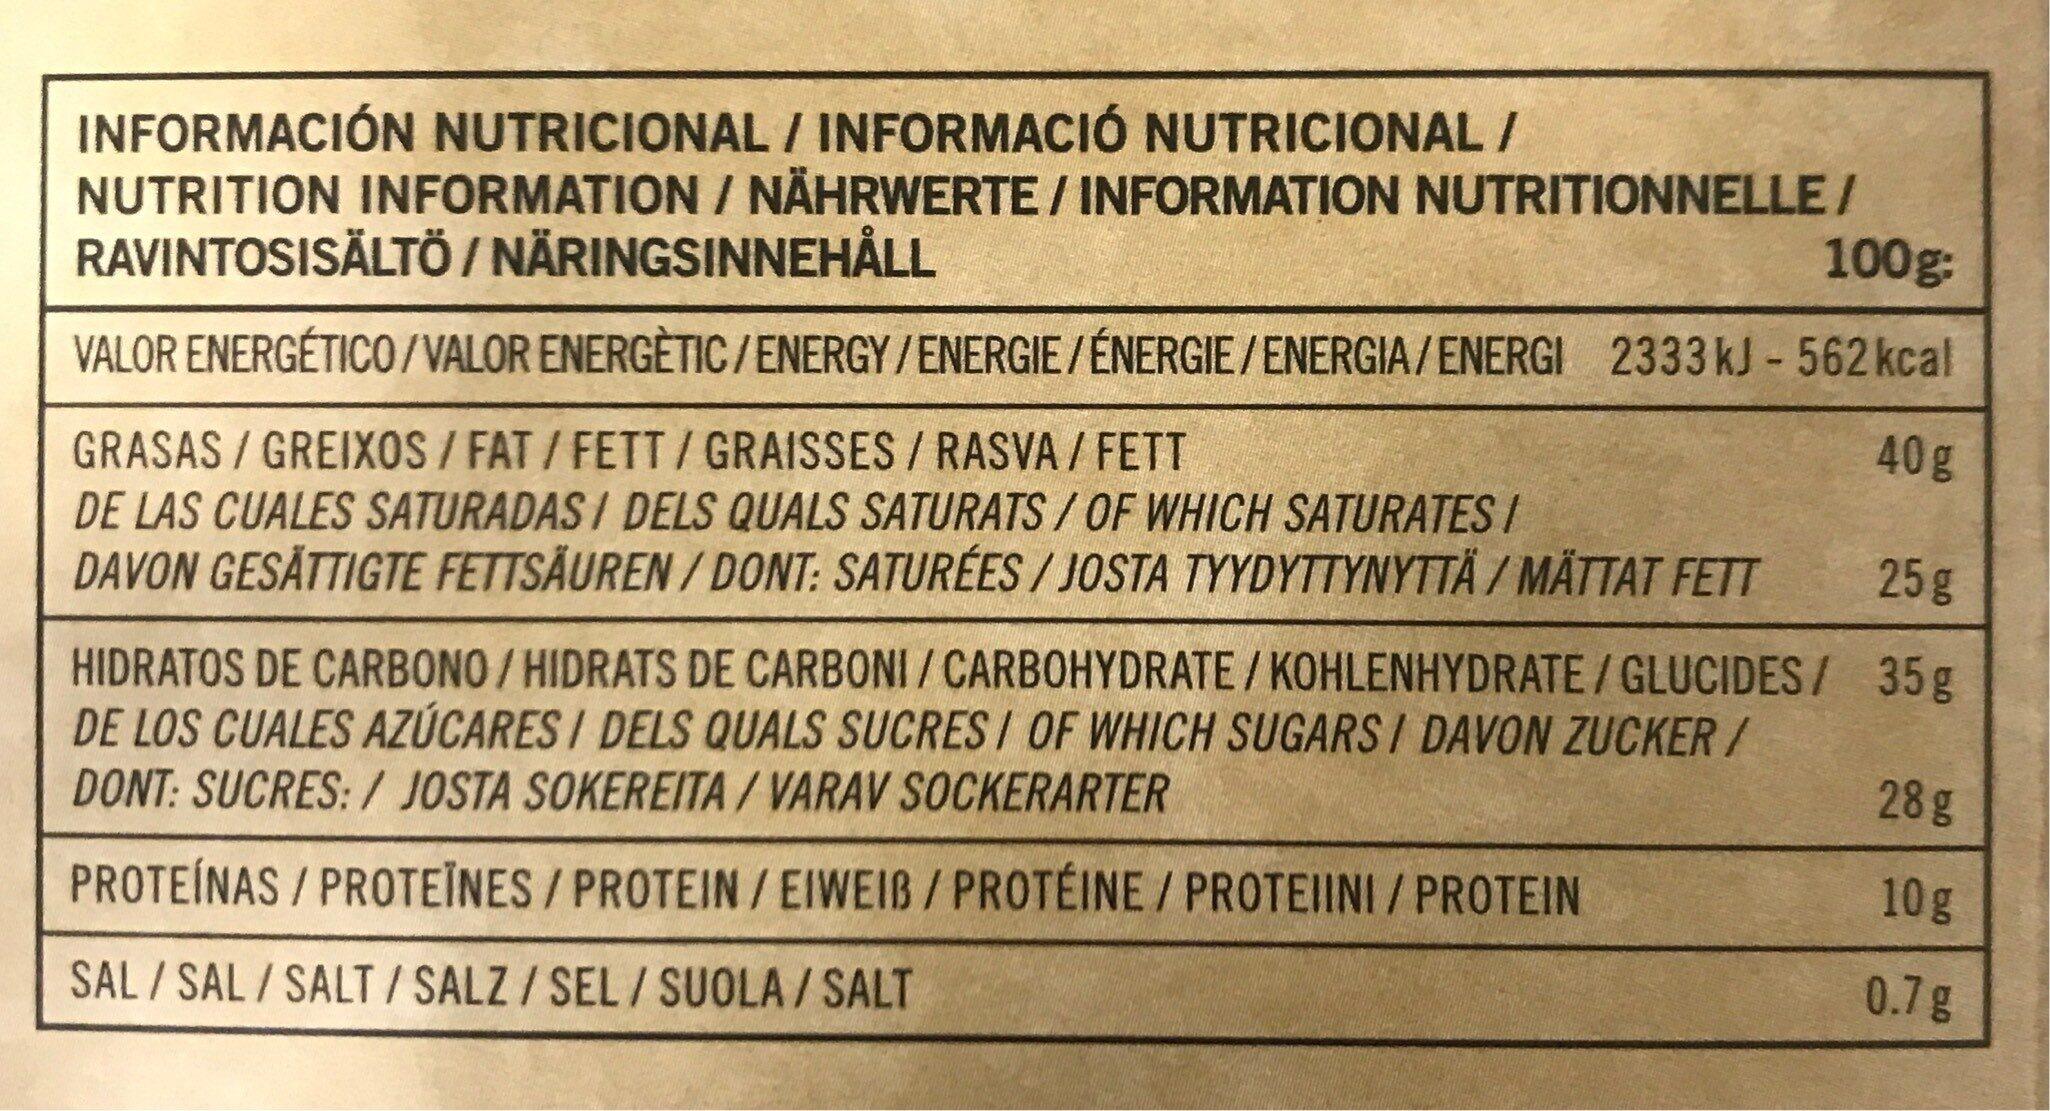 Chocolate 70 cacao y sal de mar - Información nutricional